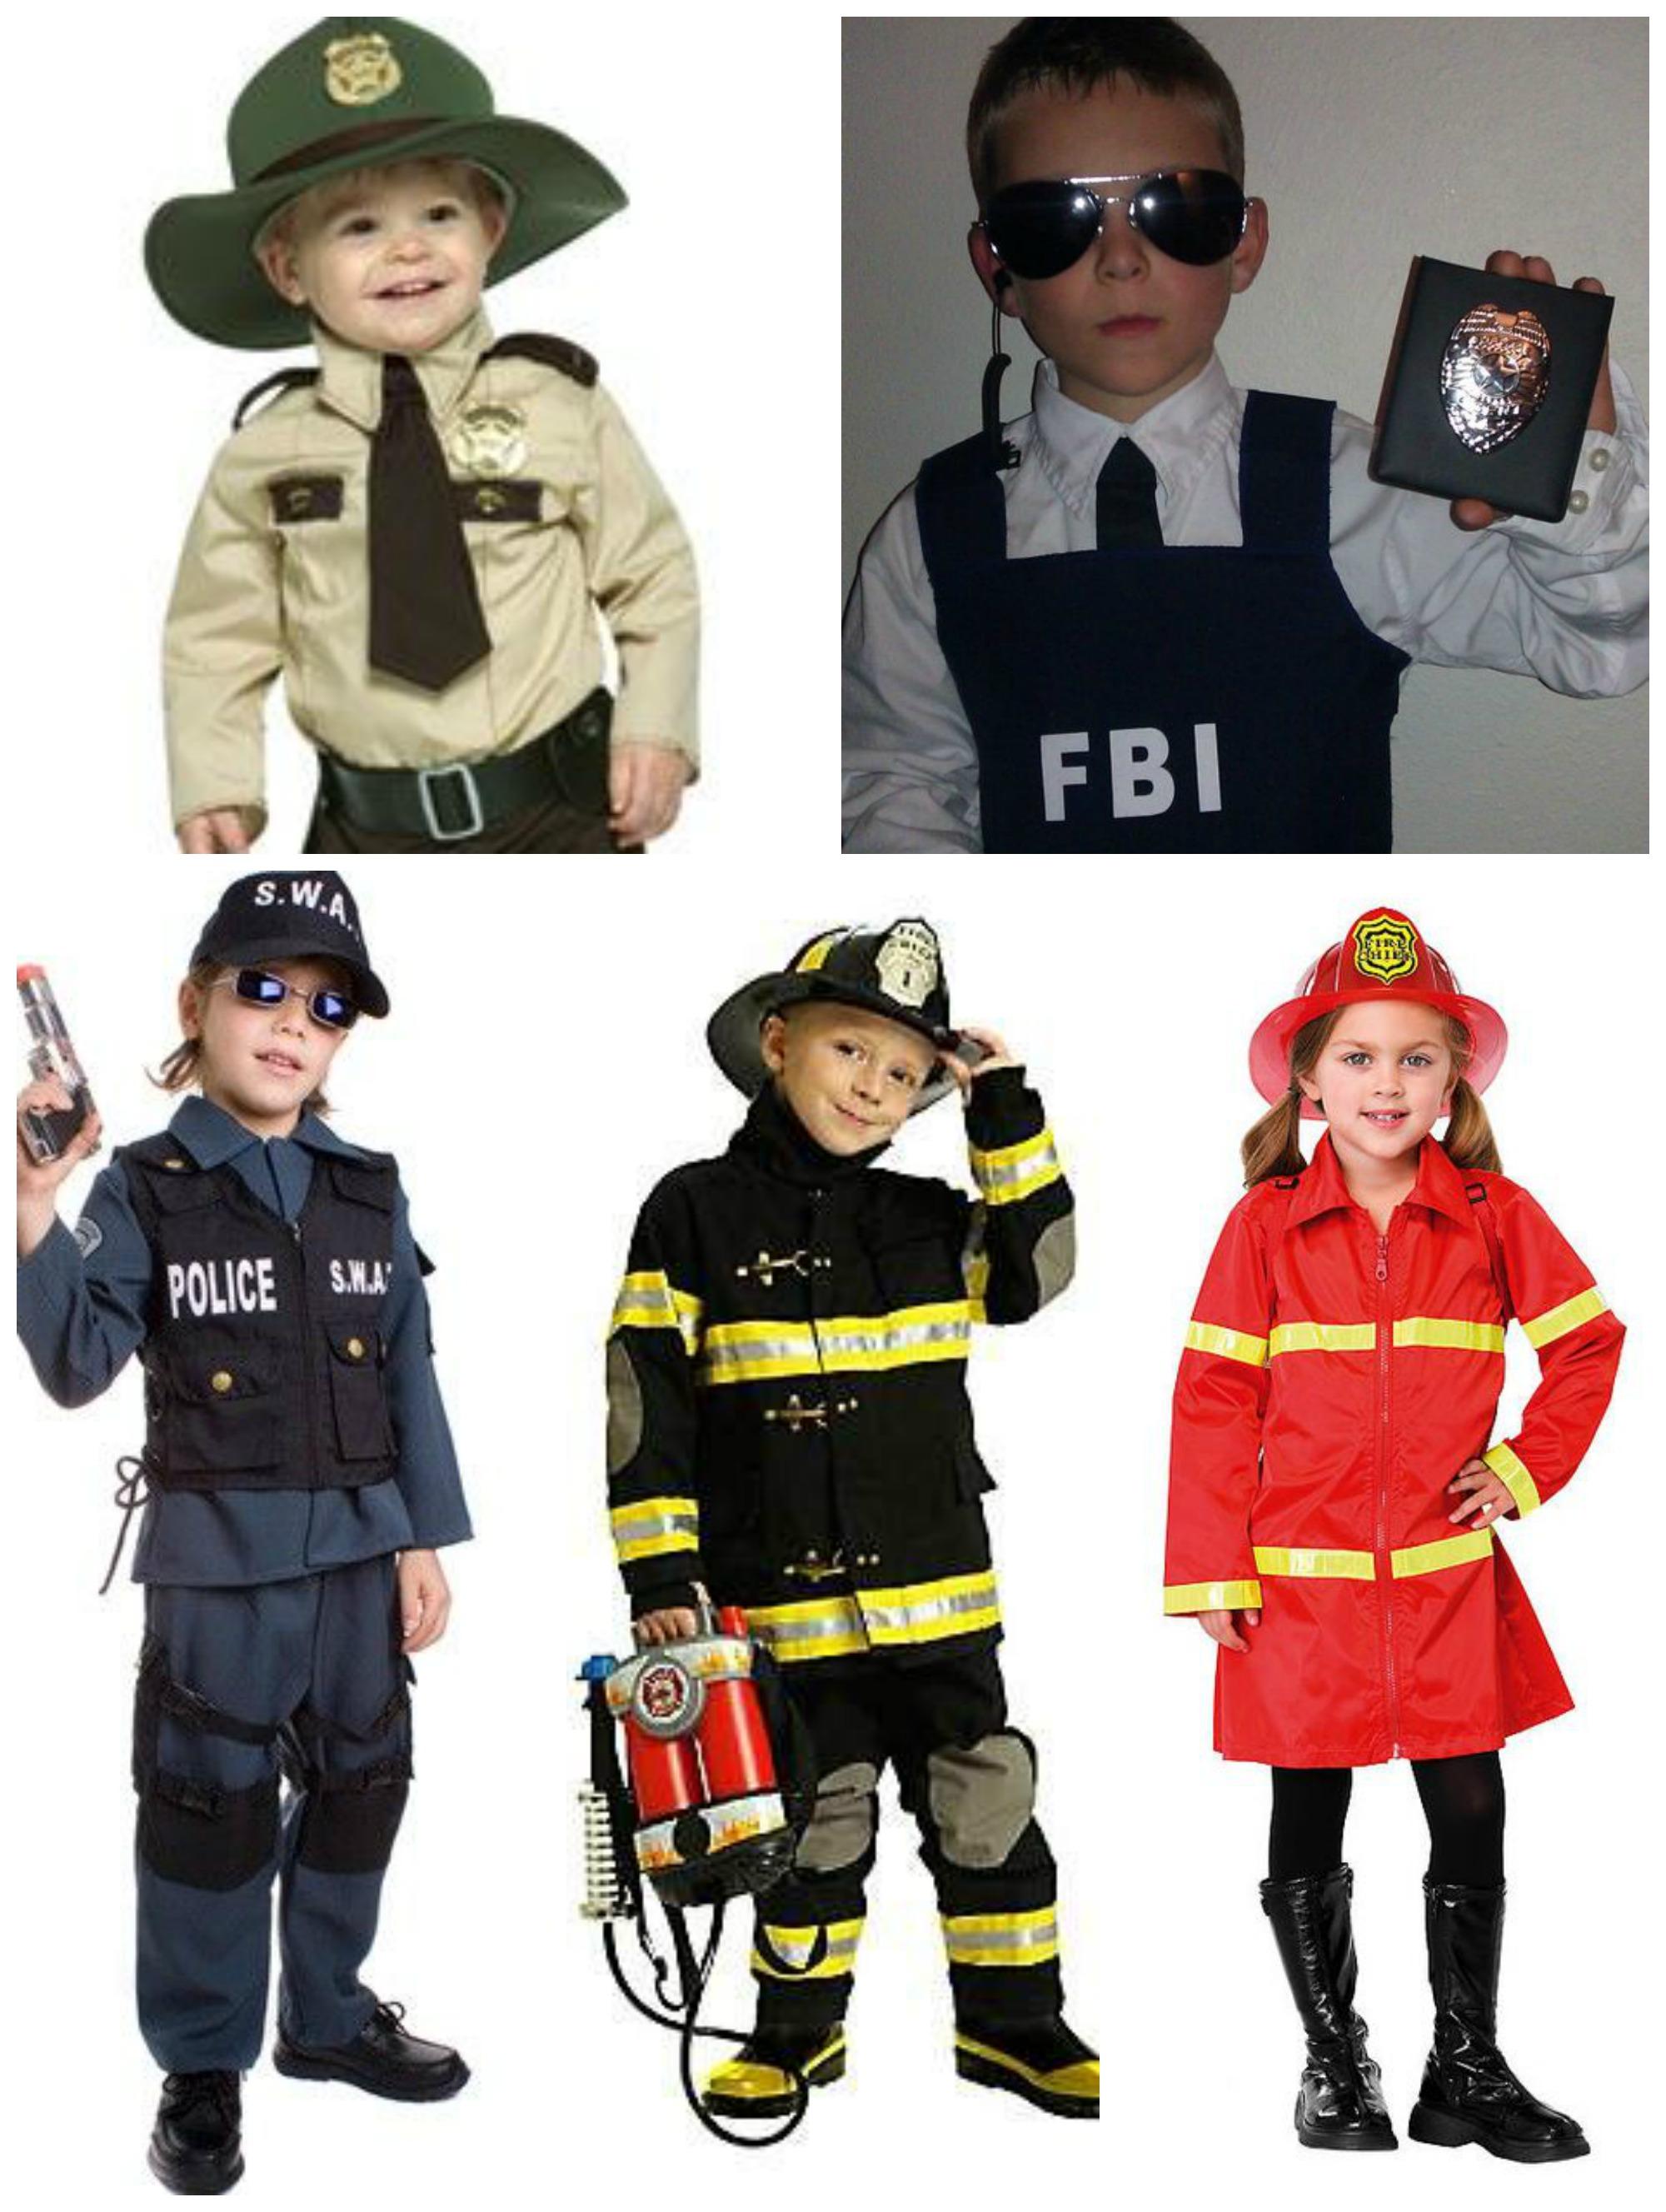 Fantasias infantis de agentes de segurança